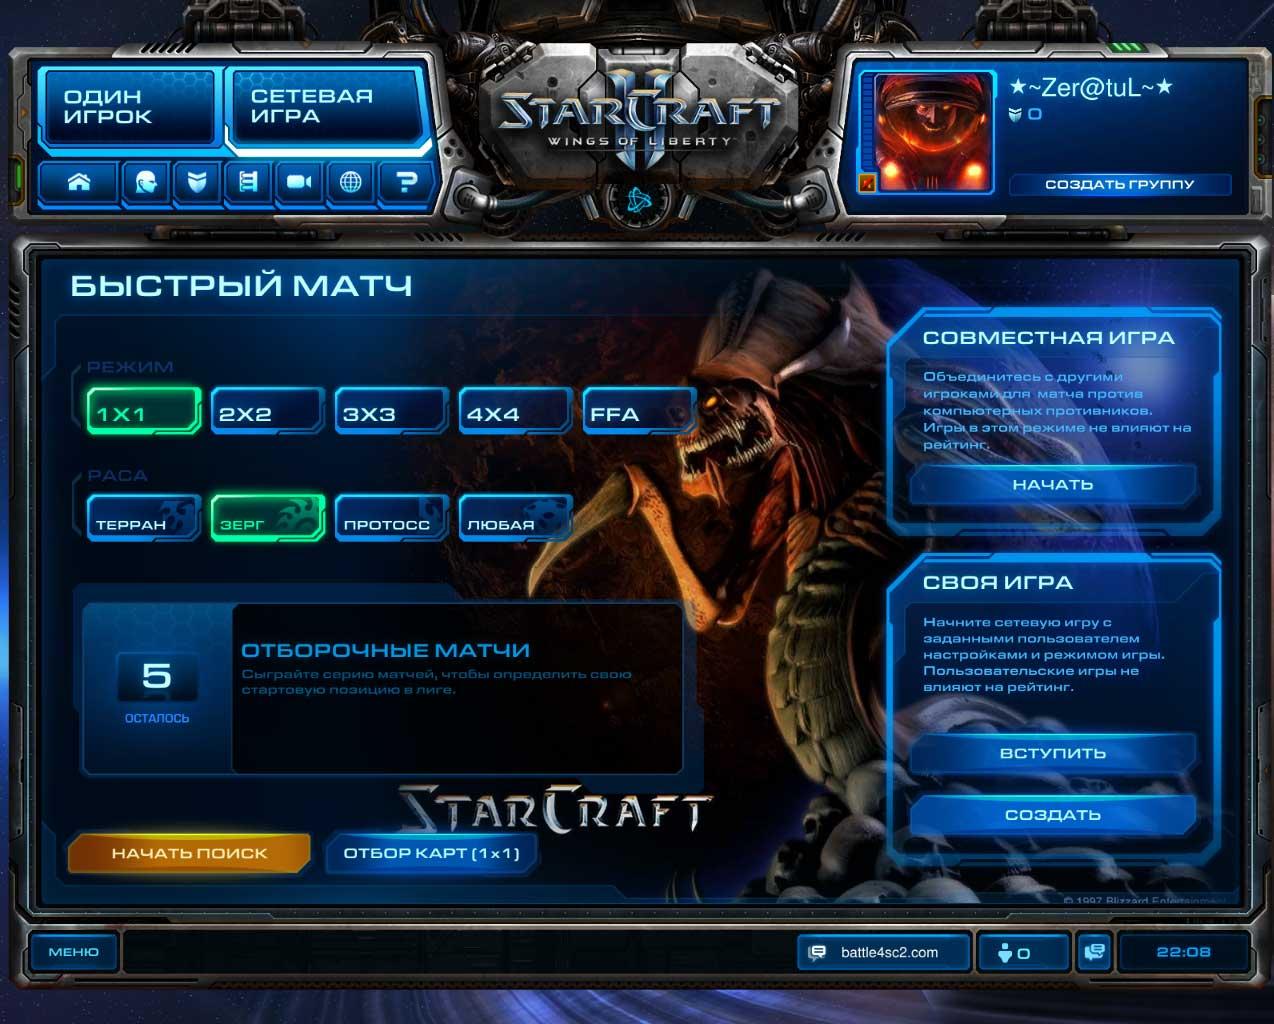 Сетевая игра starcraft